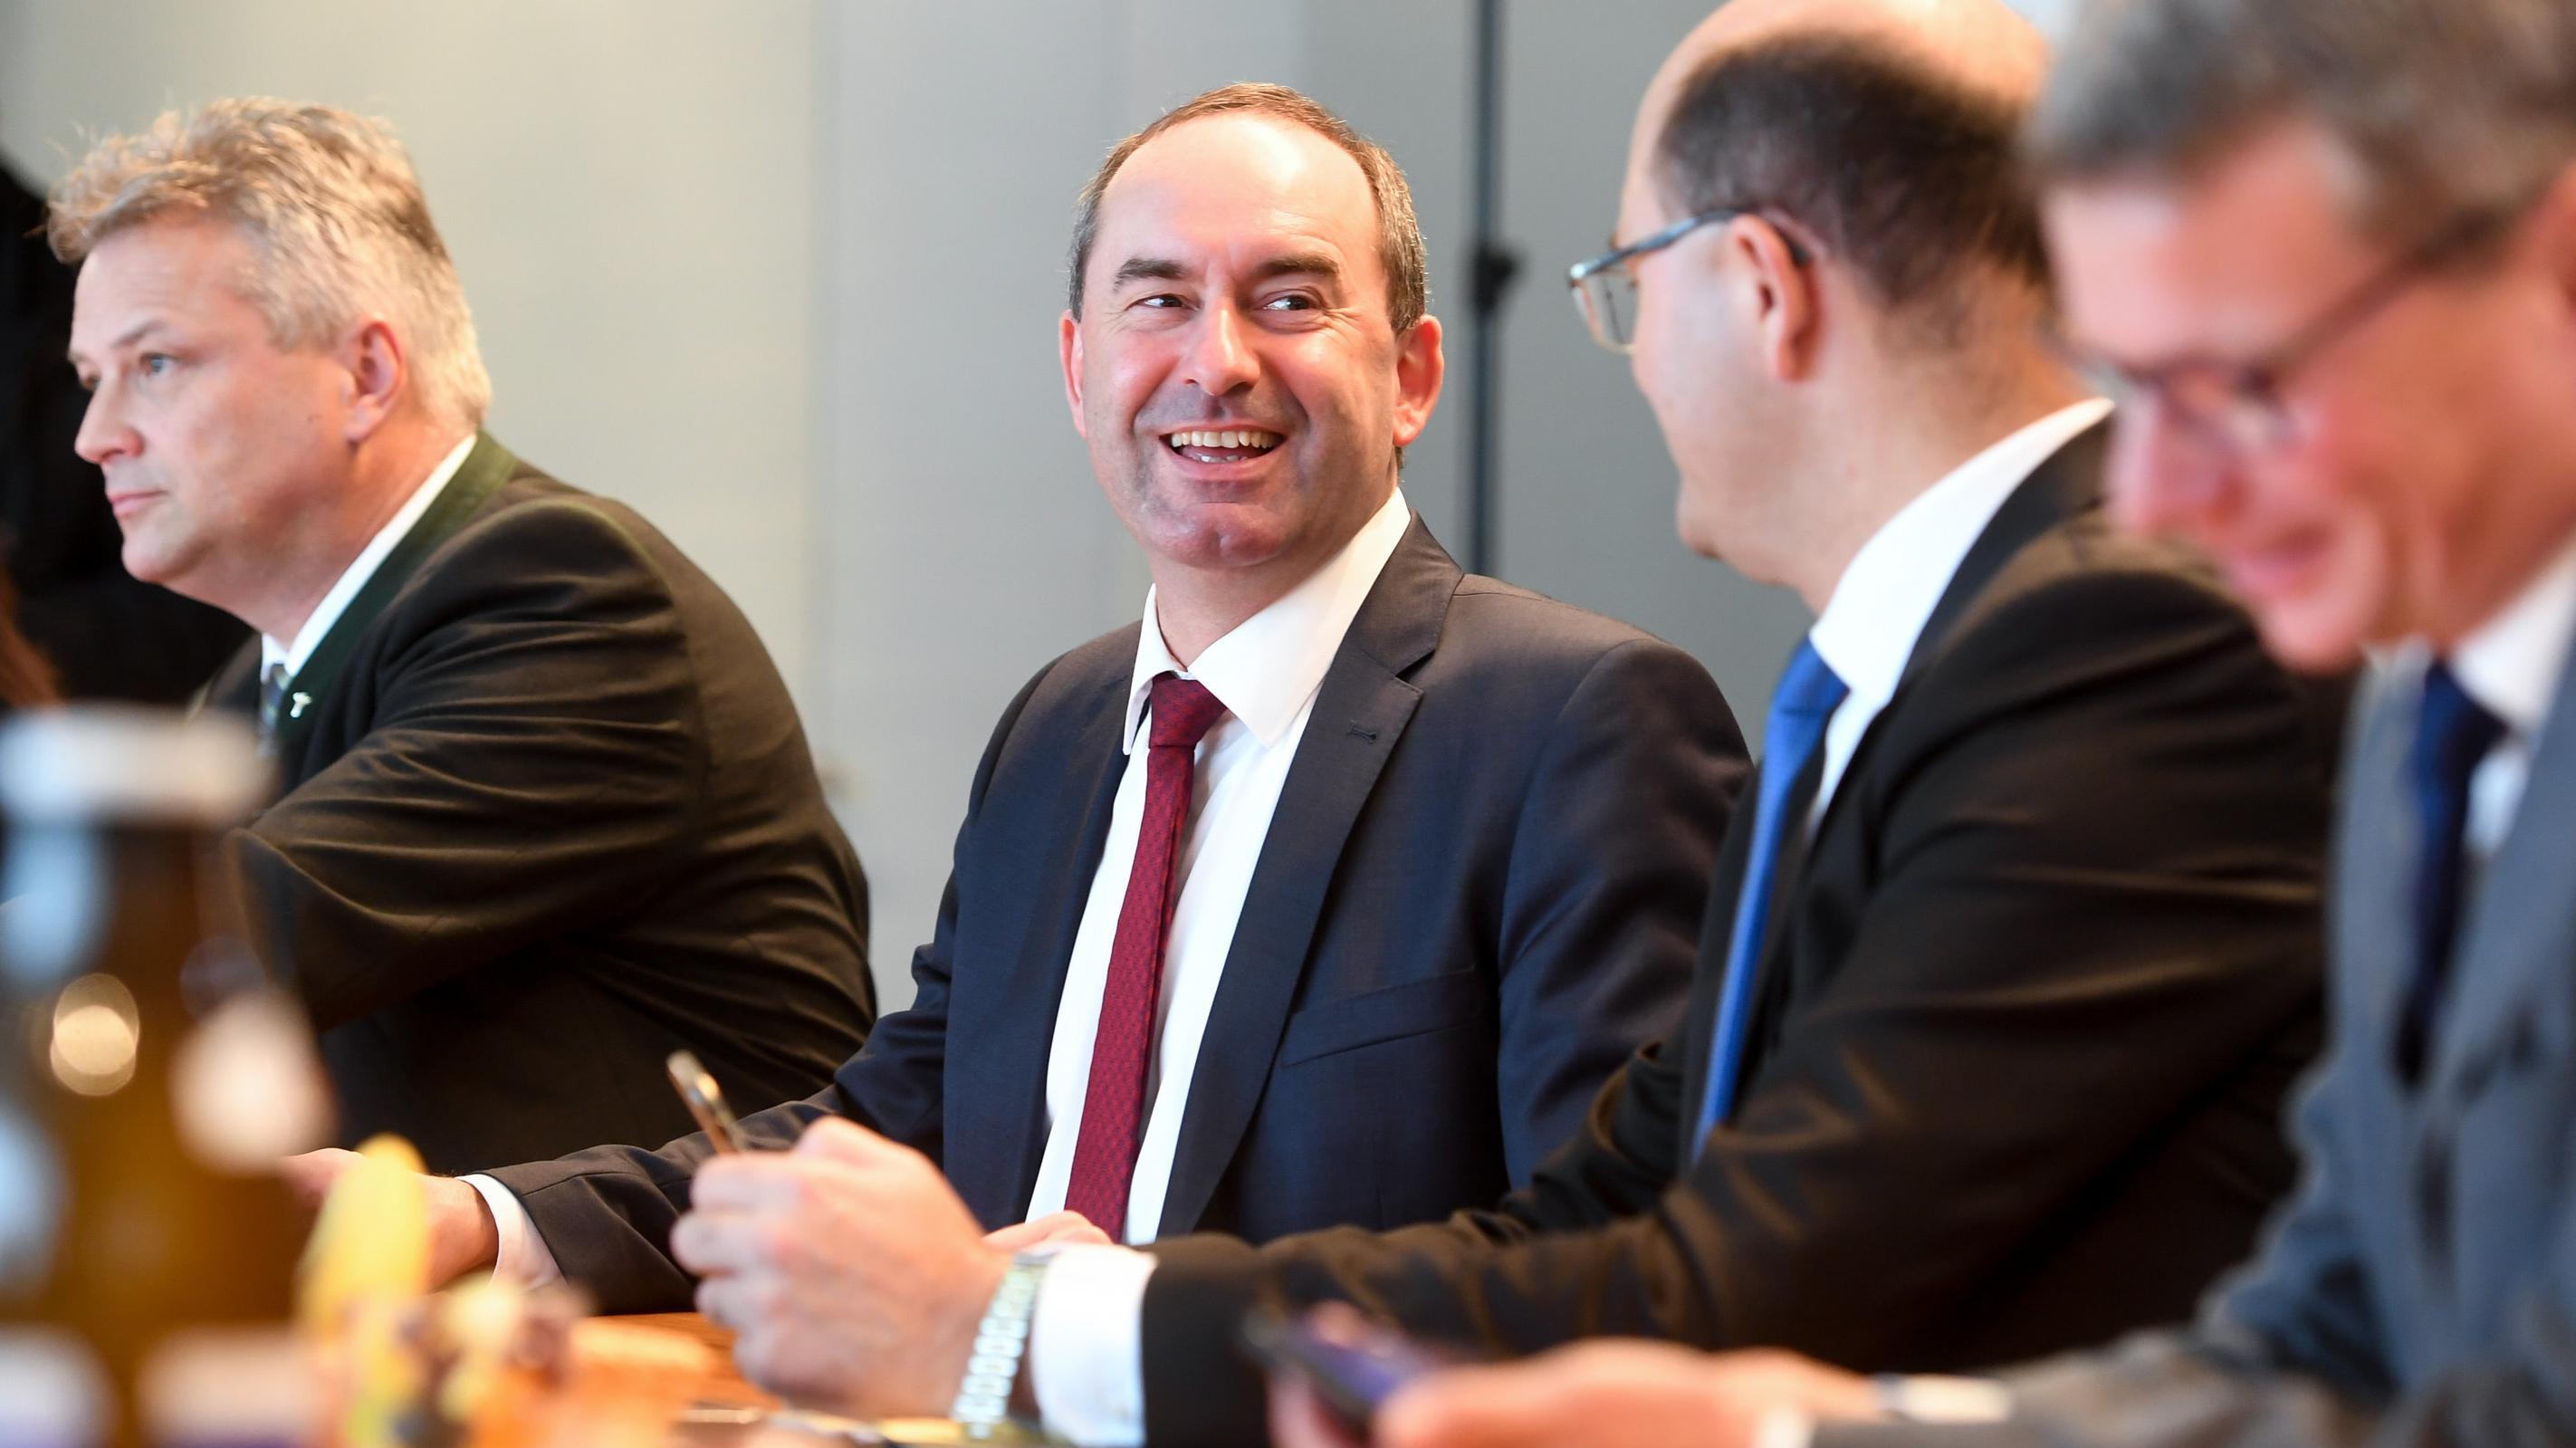 Wirtschafts- und Landesentwicklungsminister Aiwanger (Freie Wähler) und Finanz- und Heimatminister Füracker (CSU) bei der ersten Sitzung des neuen Kabinetts